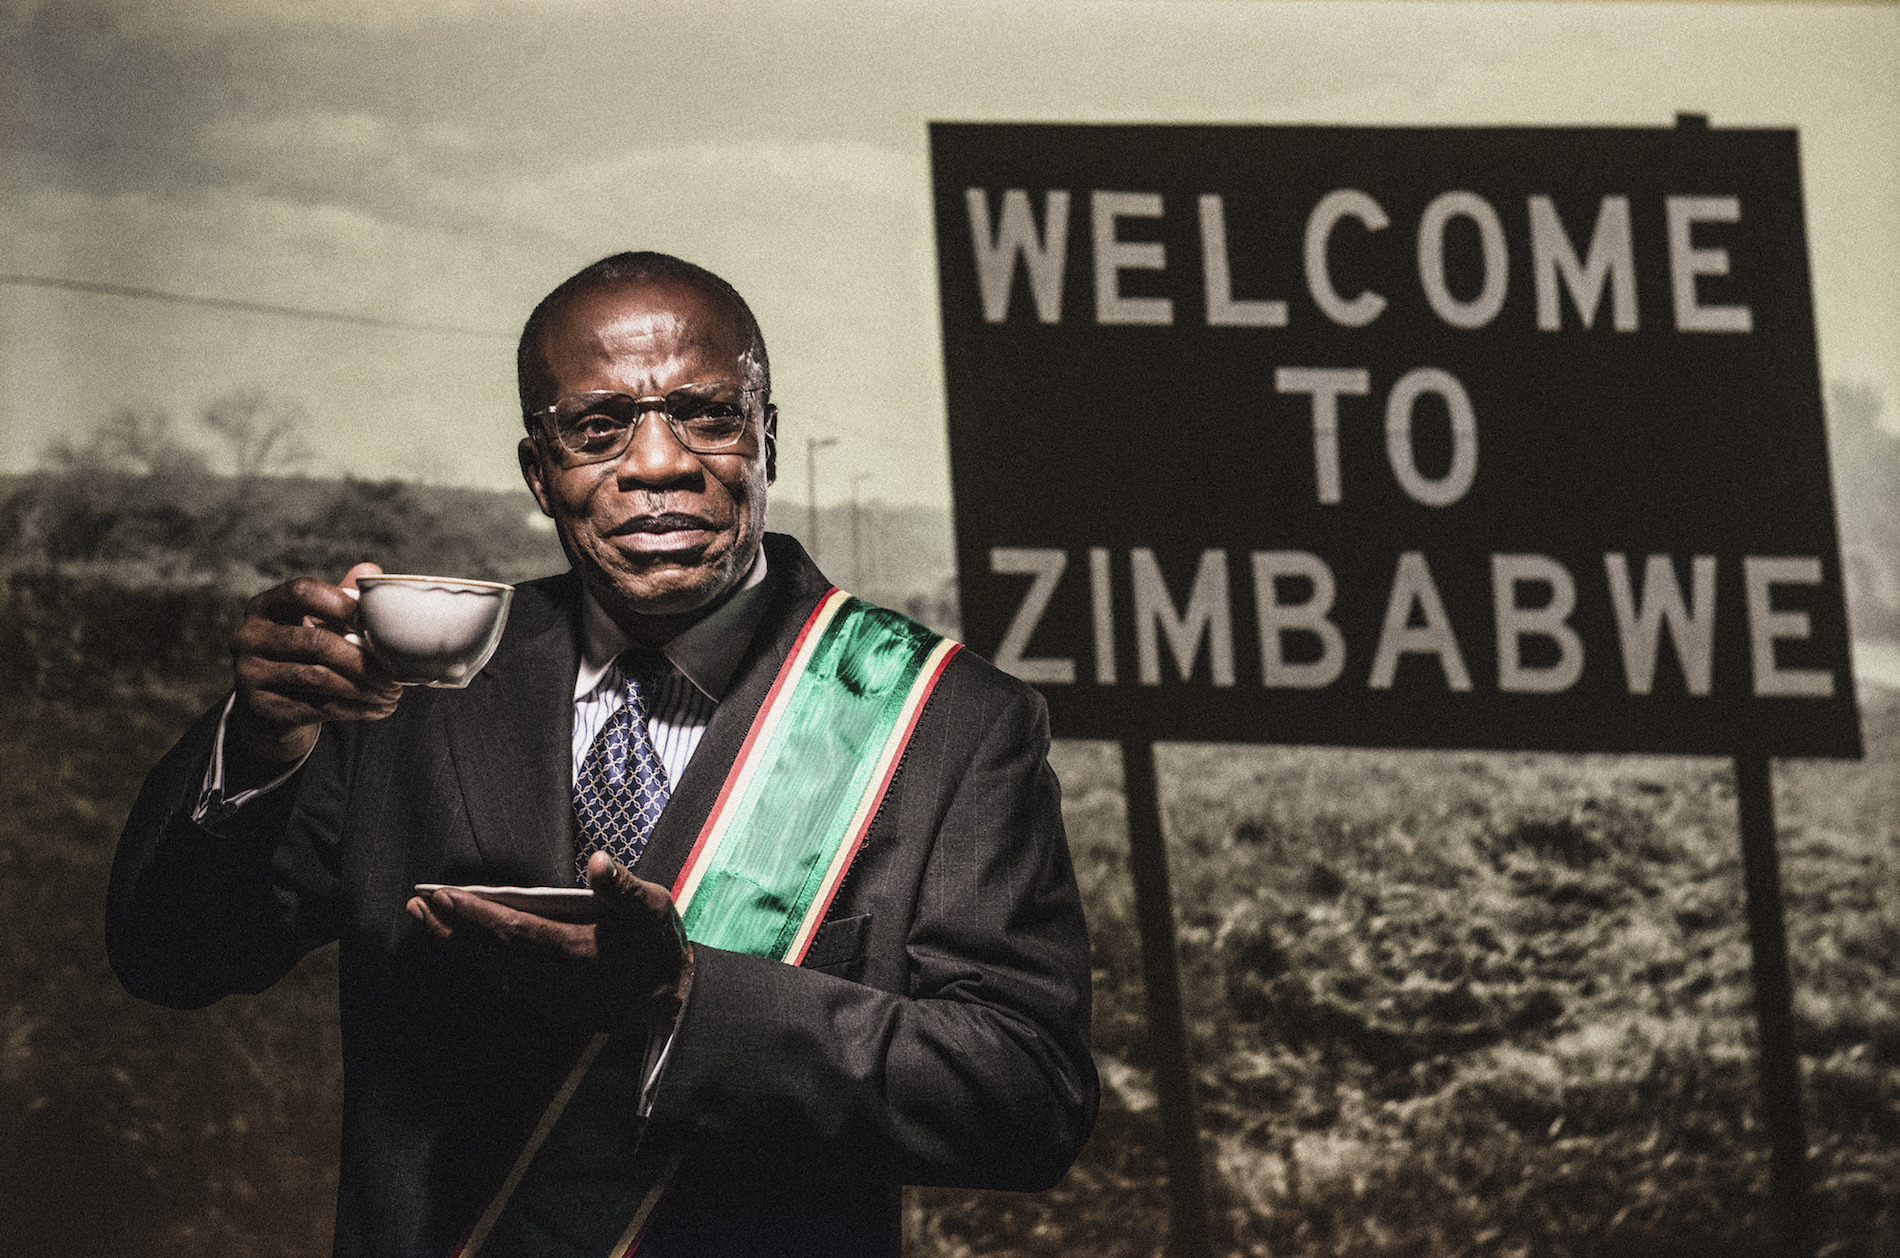 'Breakfast with Mugabe'